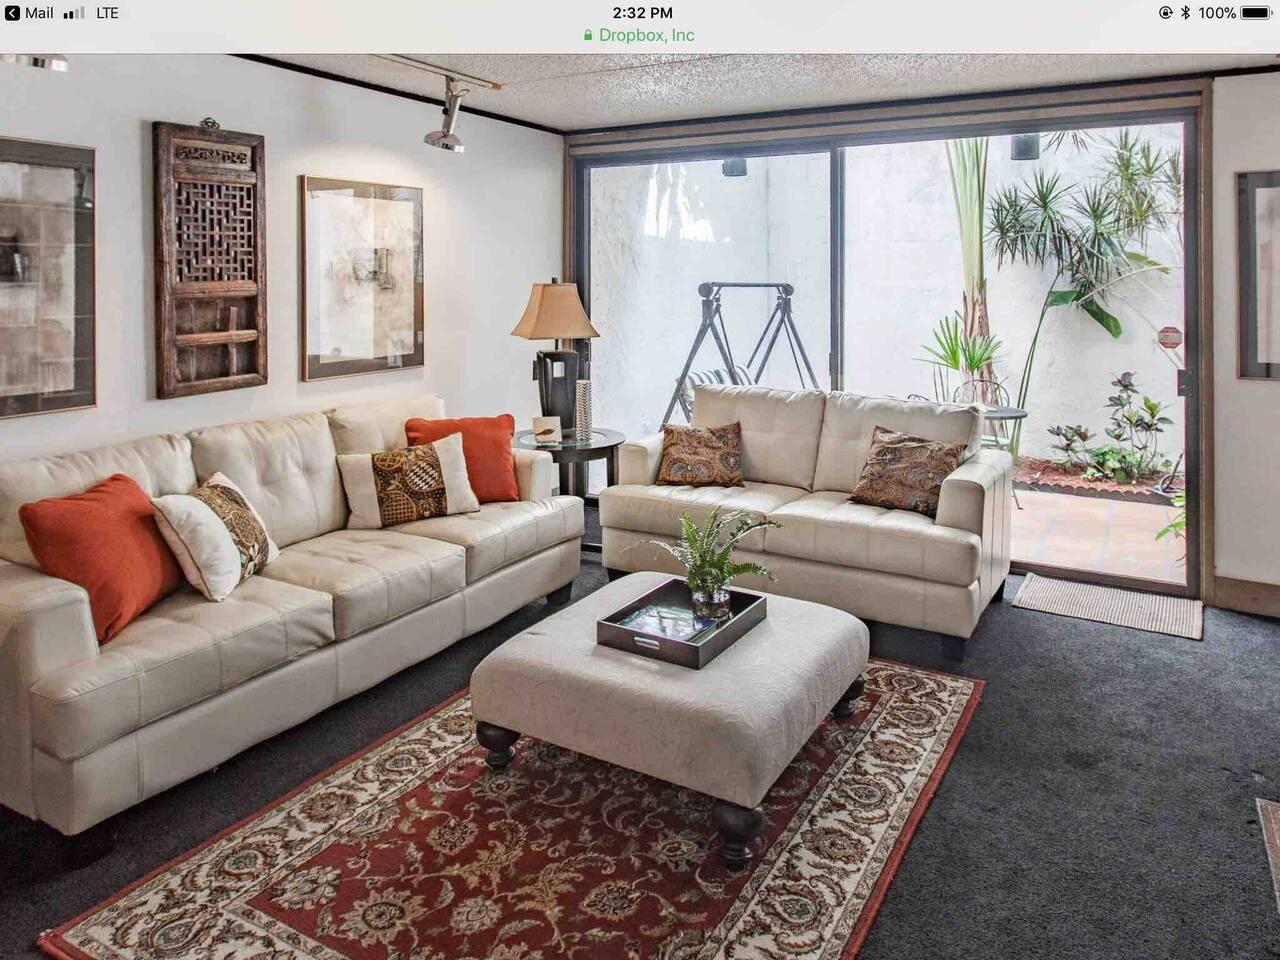 Living room showing adjacent back courtyard